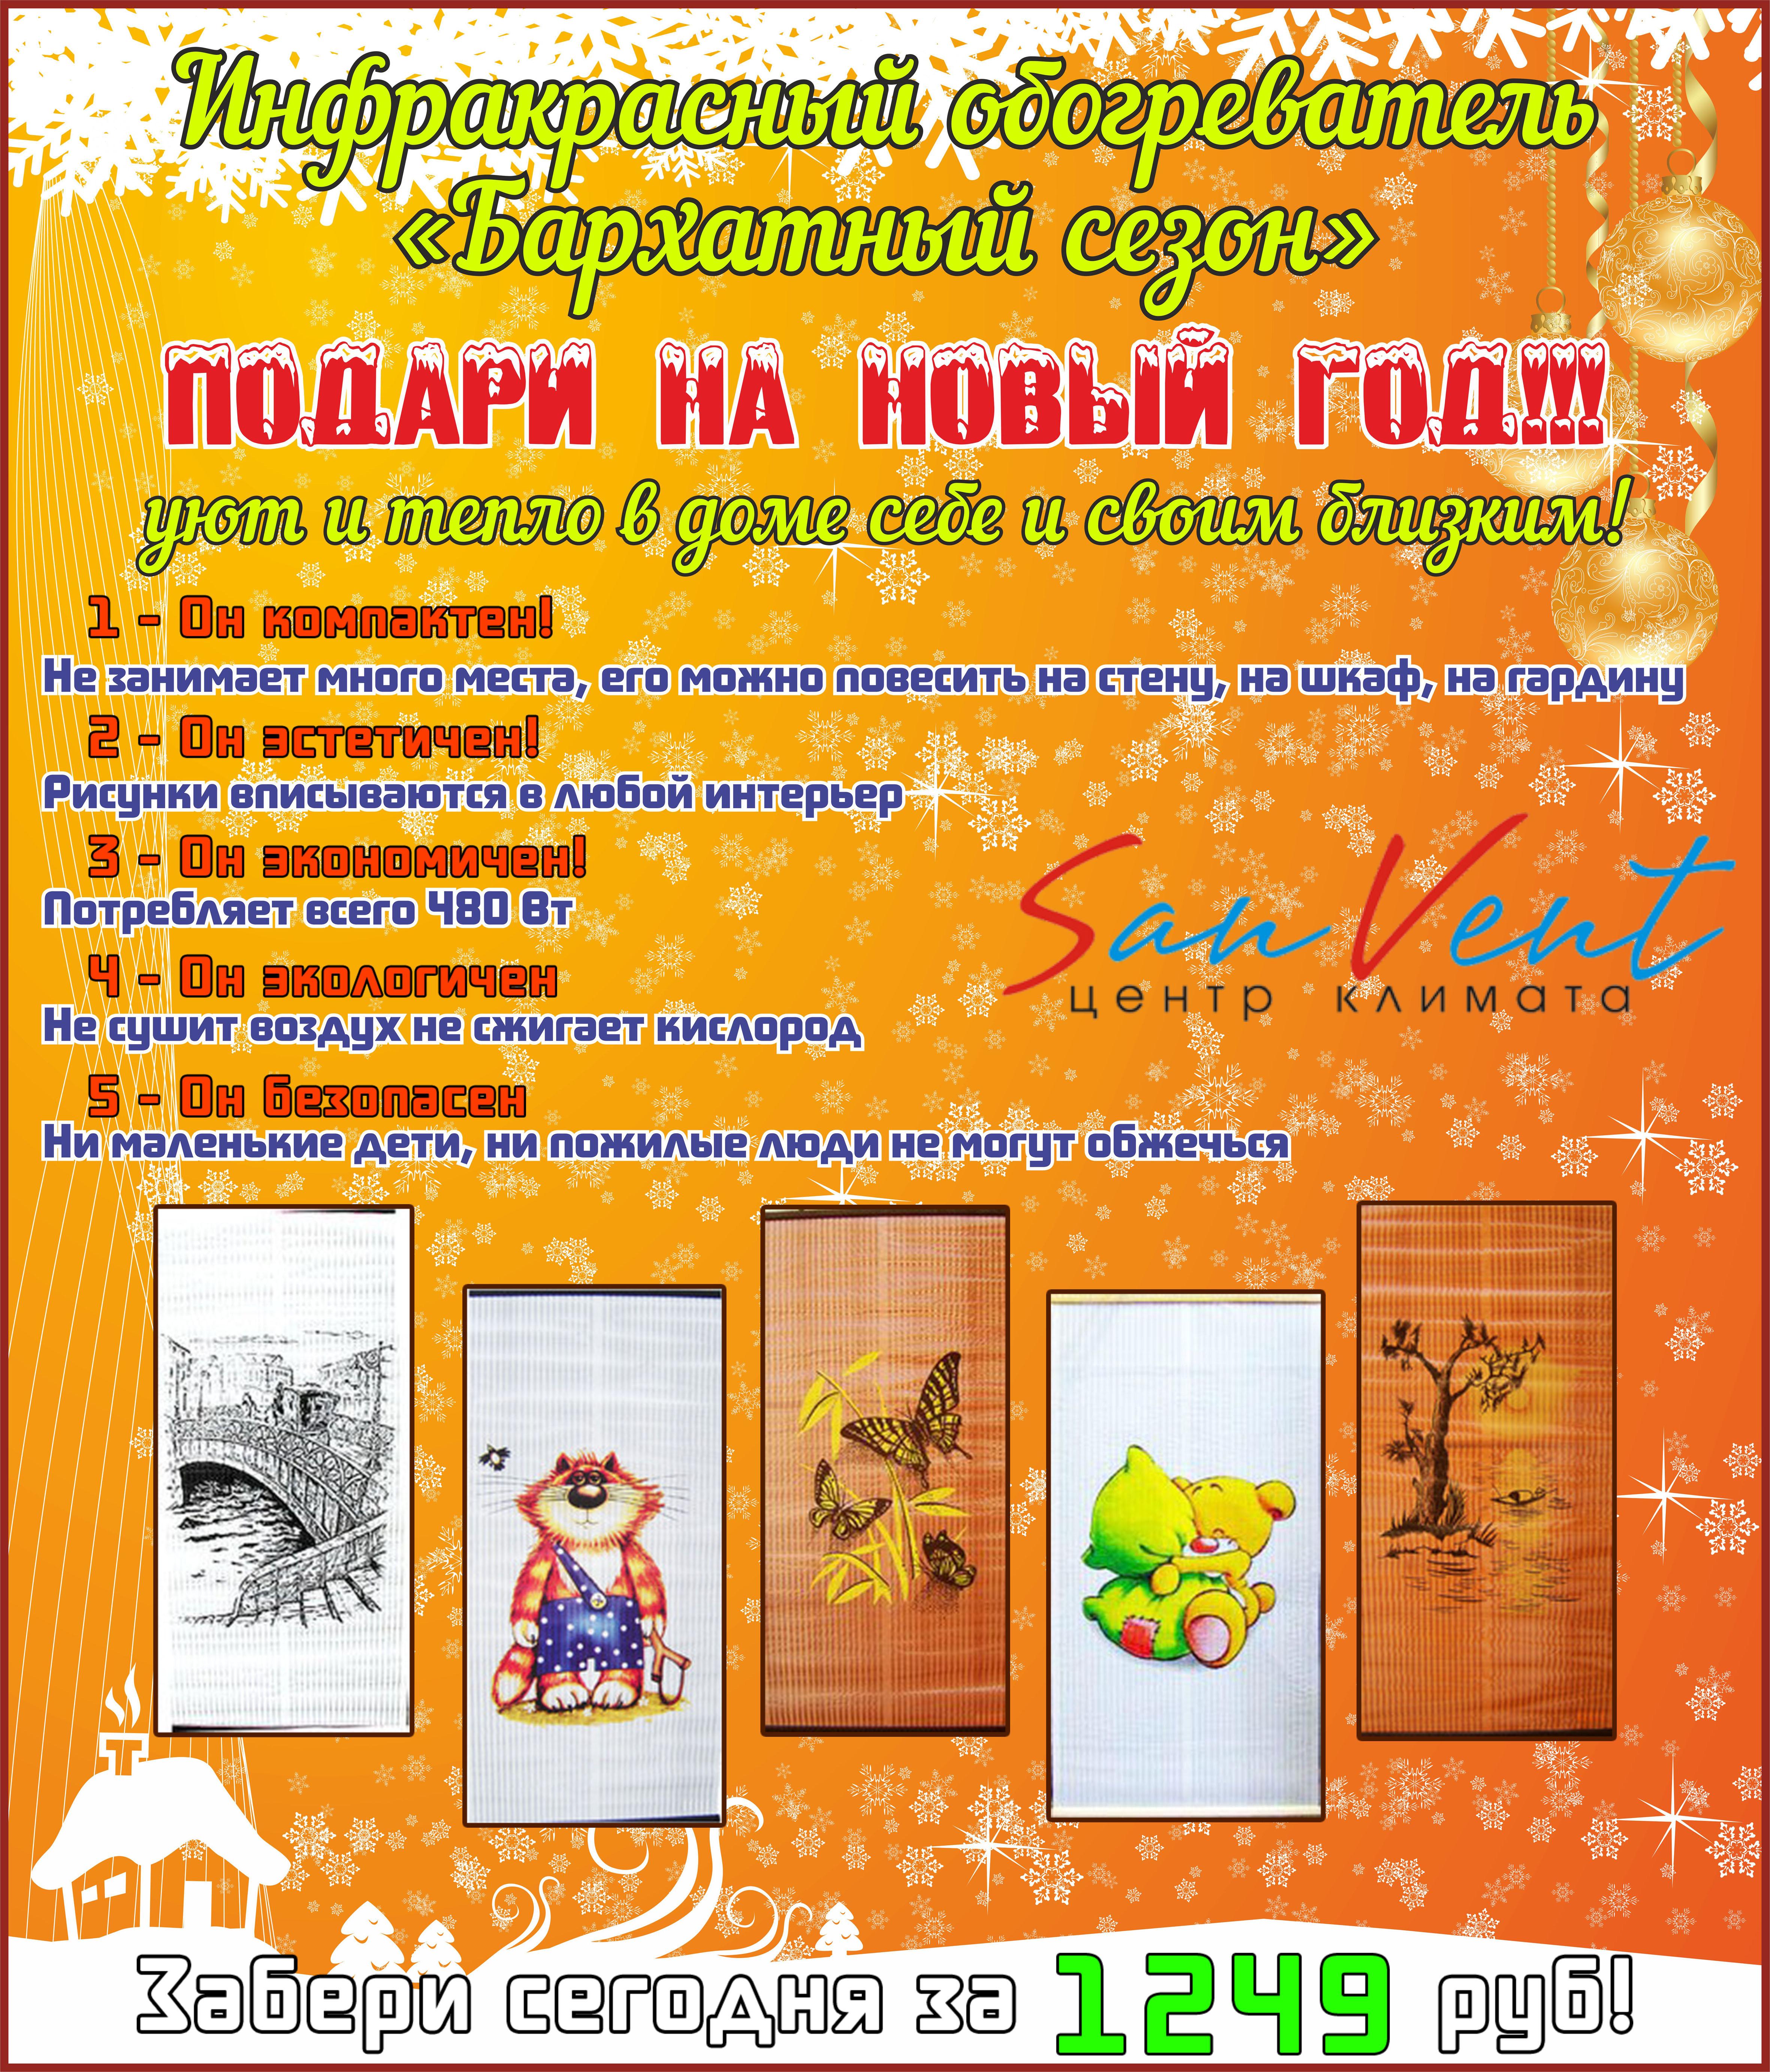 Инфракрасные обогреватели Бархатный сезон В НАЛИЧИИ